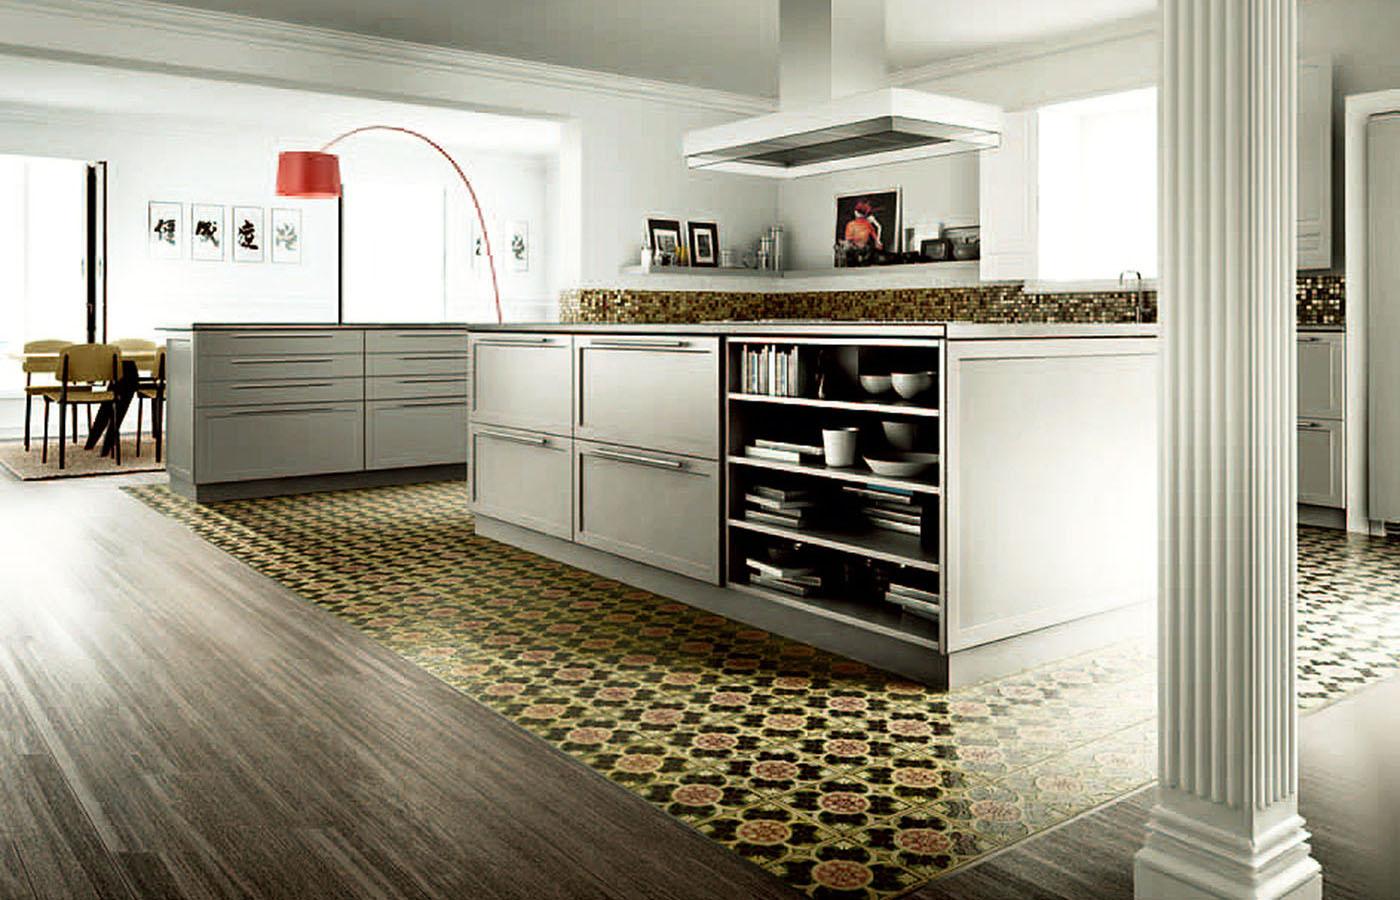 Cocinas c sicas ura muebles de cocina para cocinas - Muebles de cocinas rusticas ...